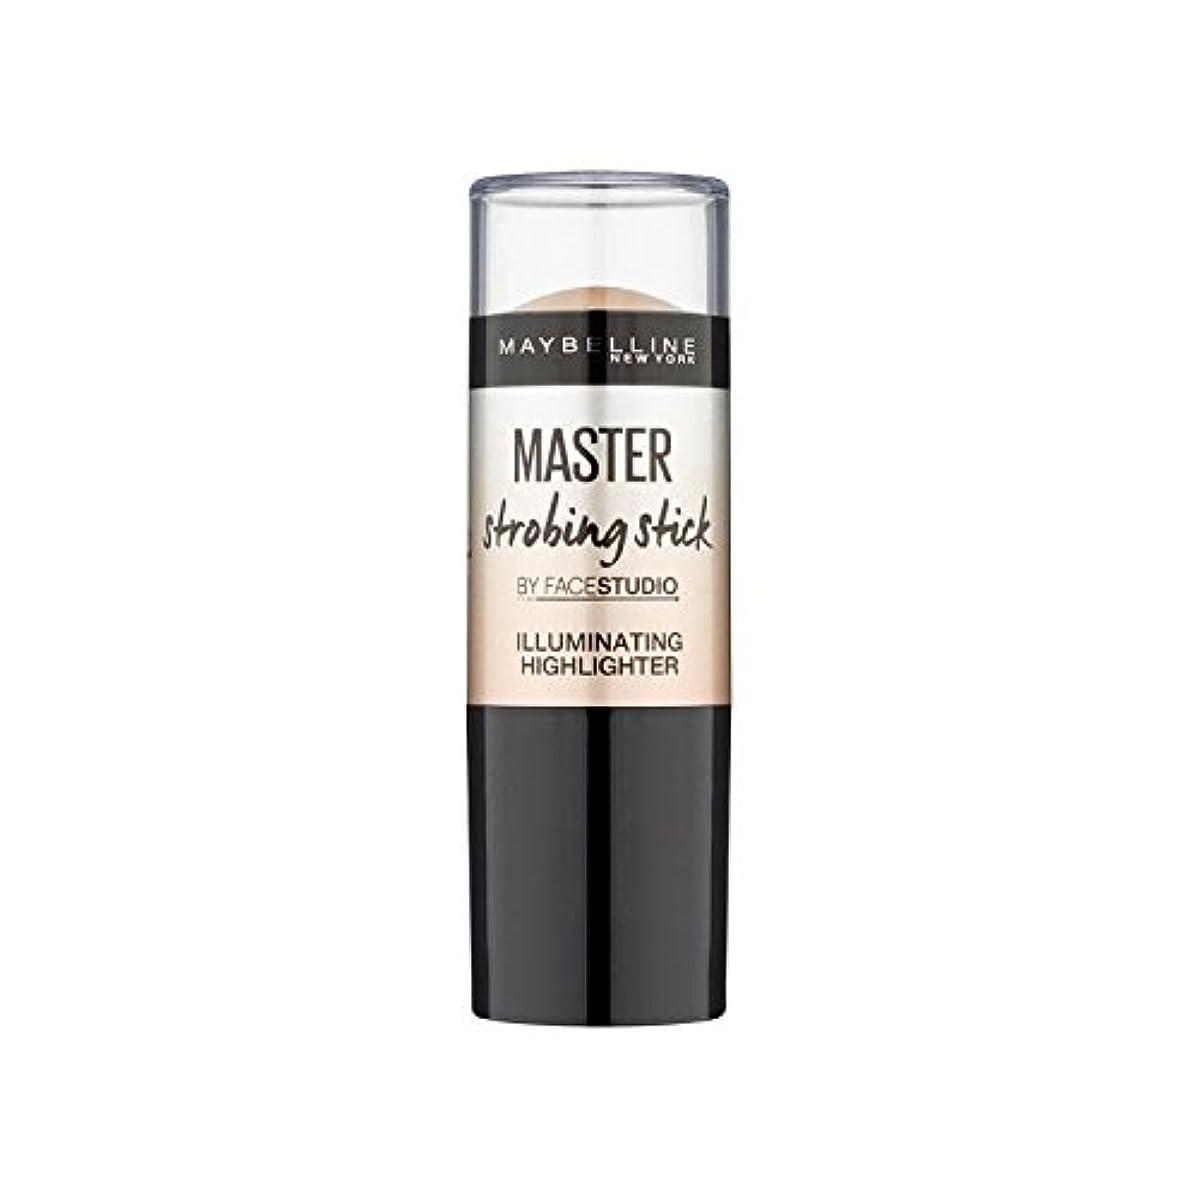 寸前戸口復活するメイベリンマスターストロボスティック媒体 x4 - Maybelline Master Strobing Stick Medium (Pack of 4) [並行輸入品]